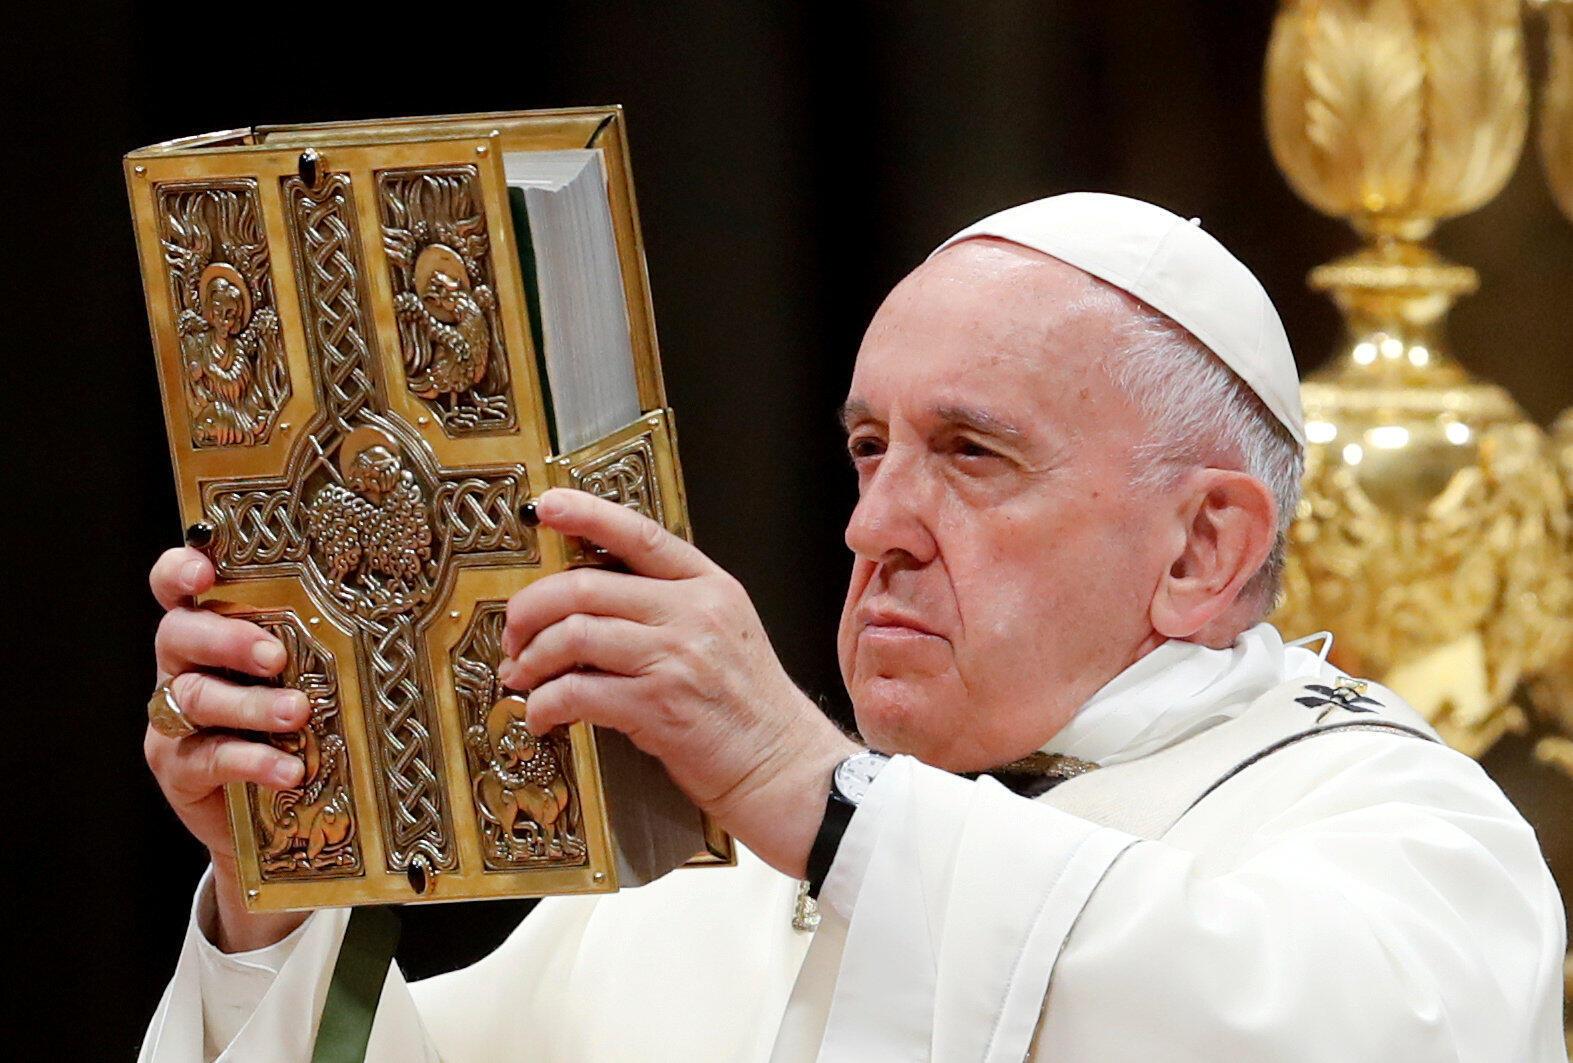 En ce dimanche pascal, le message du pape François a été largement consacré aux tensions dans le monde, aux conflits et aux attentats qui ont endeuillé le Sri-Lanka ce 21 avril.